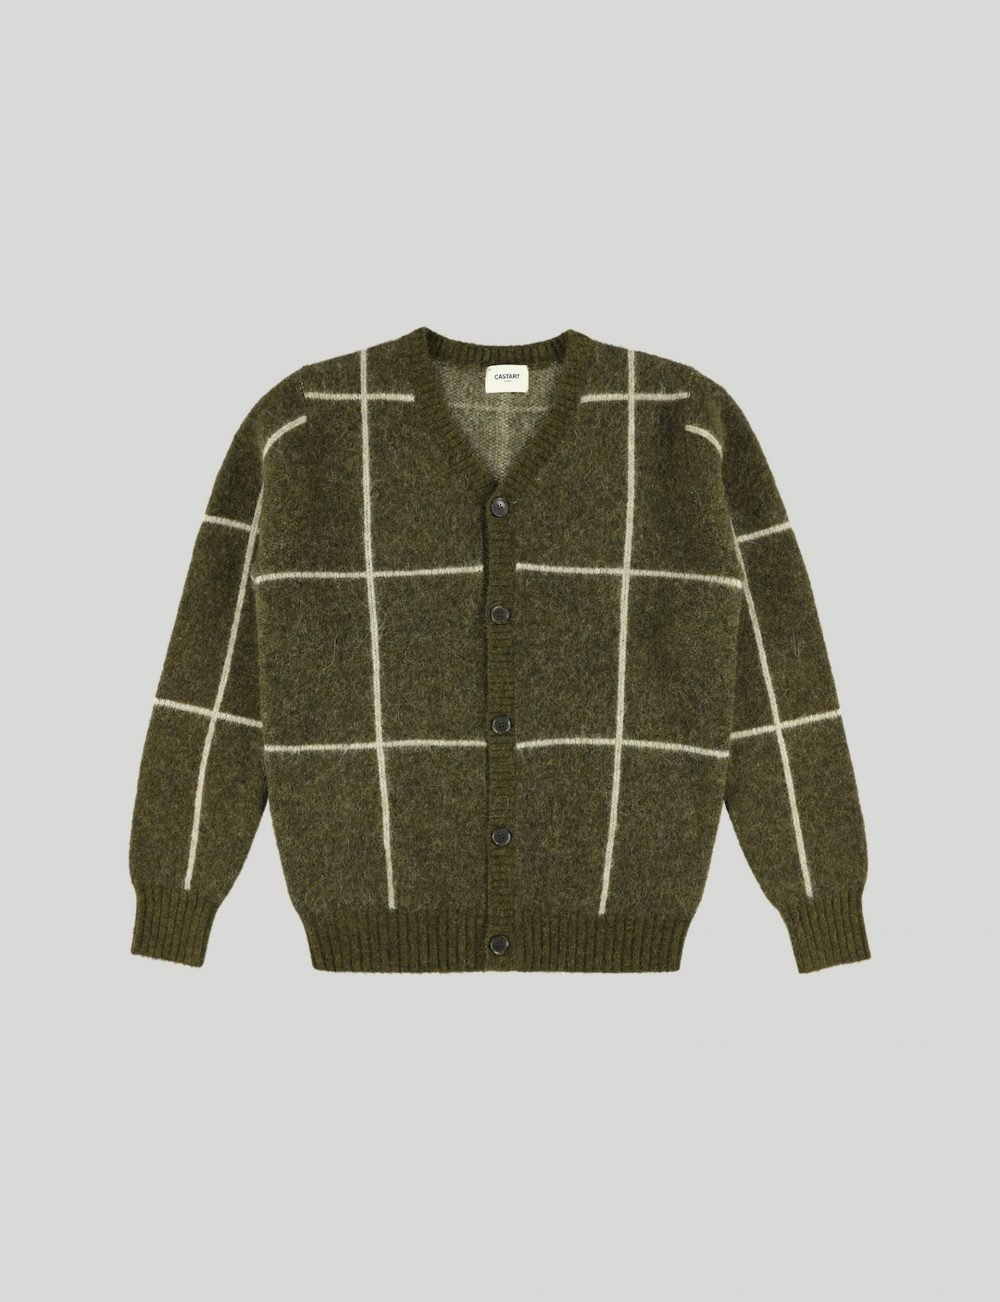 Castart - Beefsteak Knitwear - Green